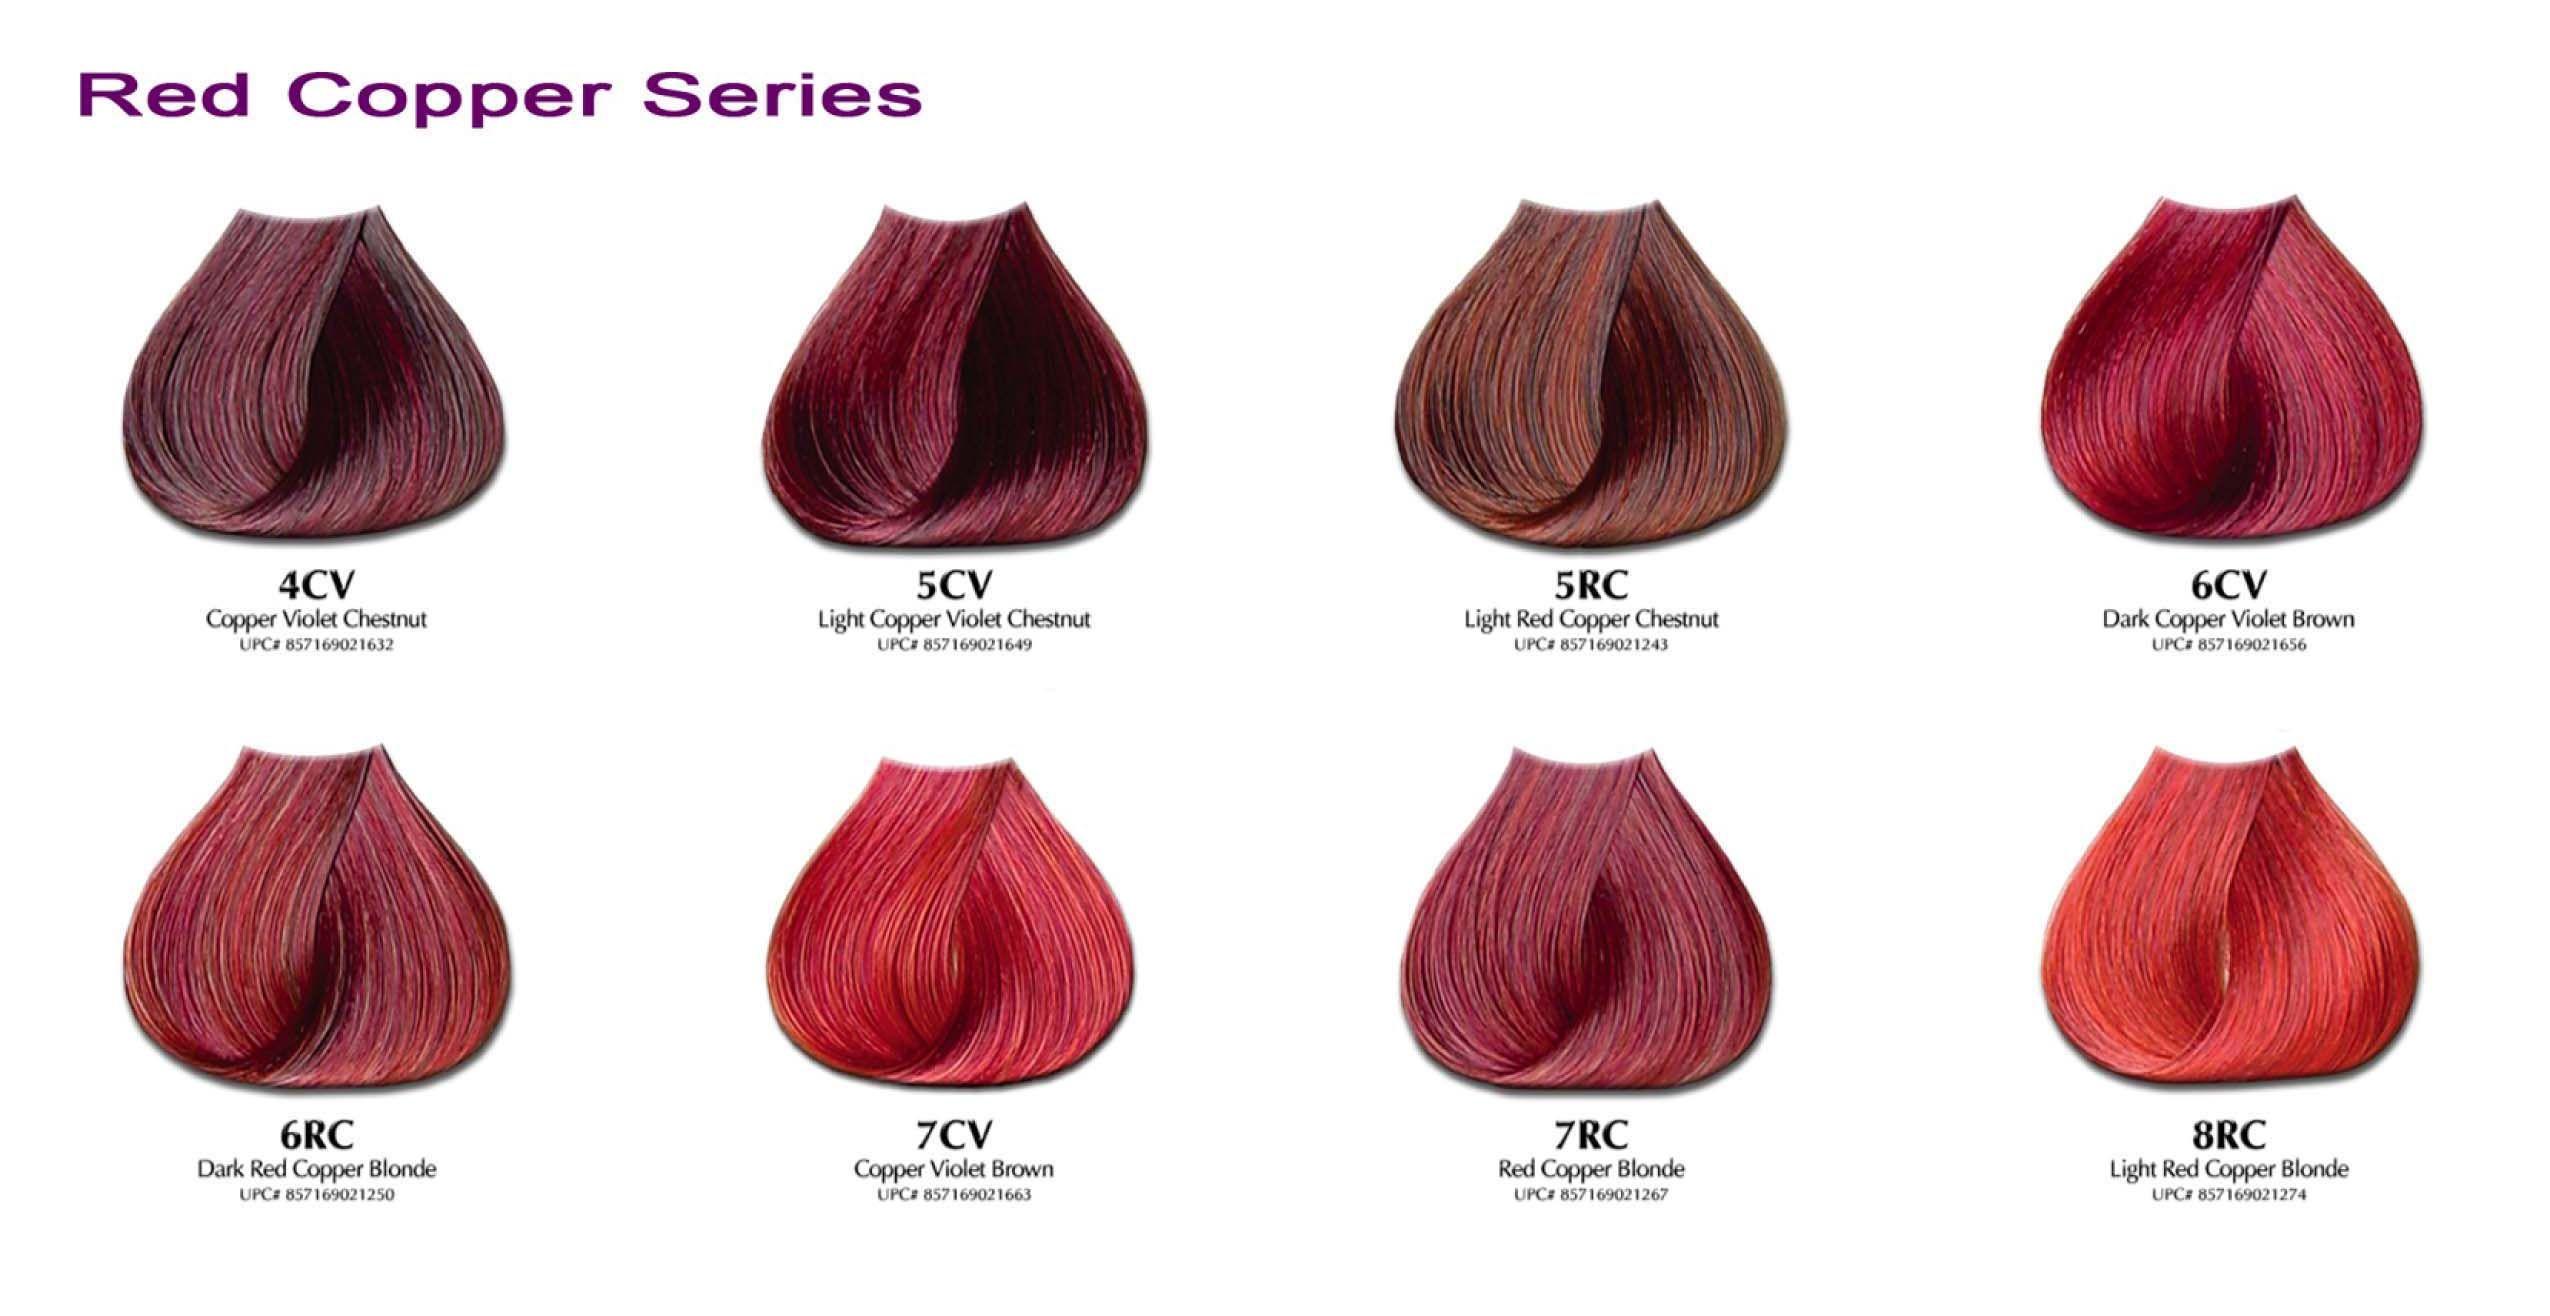 Auburn Hair Color Shades Hair Pinterest Hair Color Shades